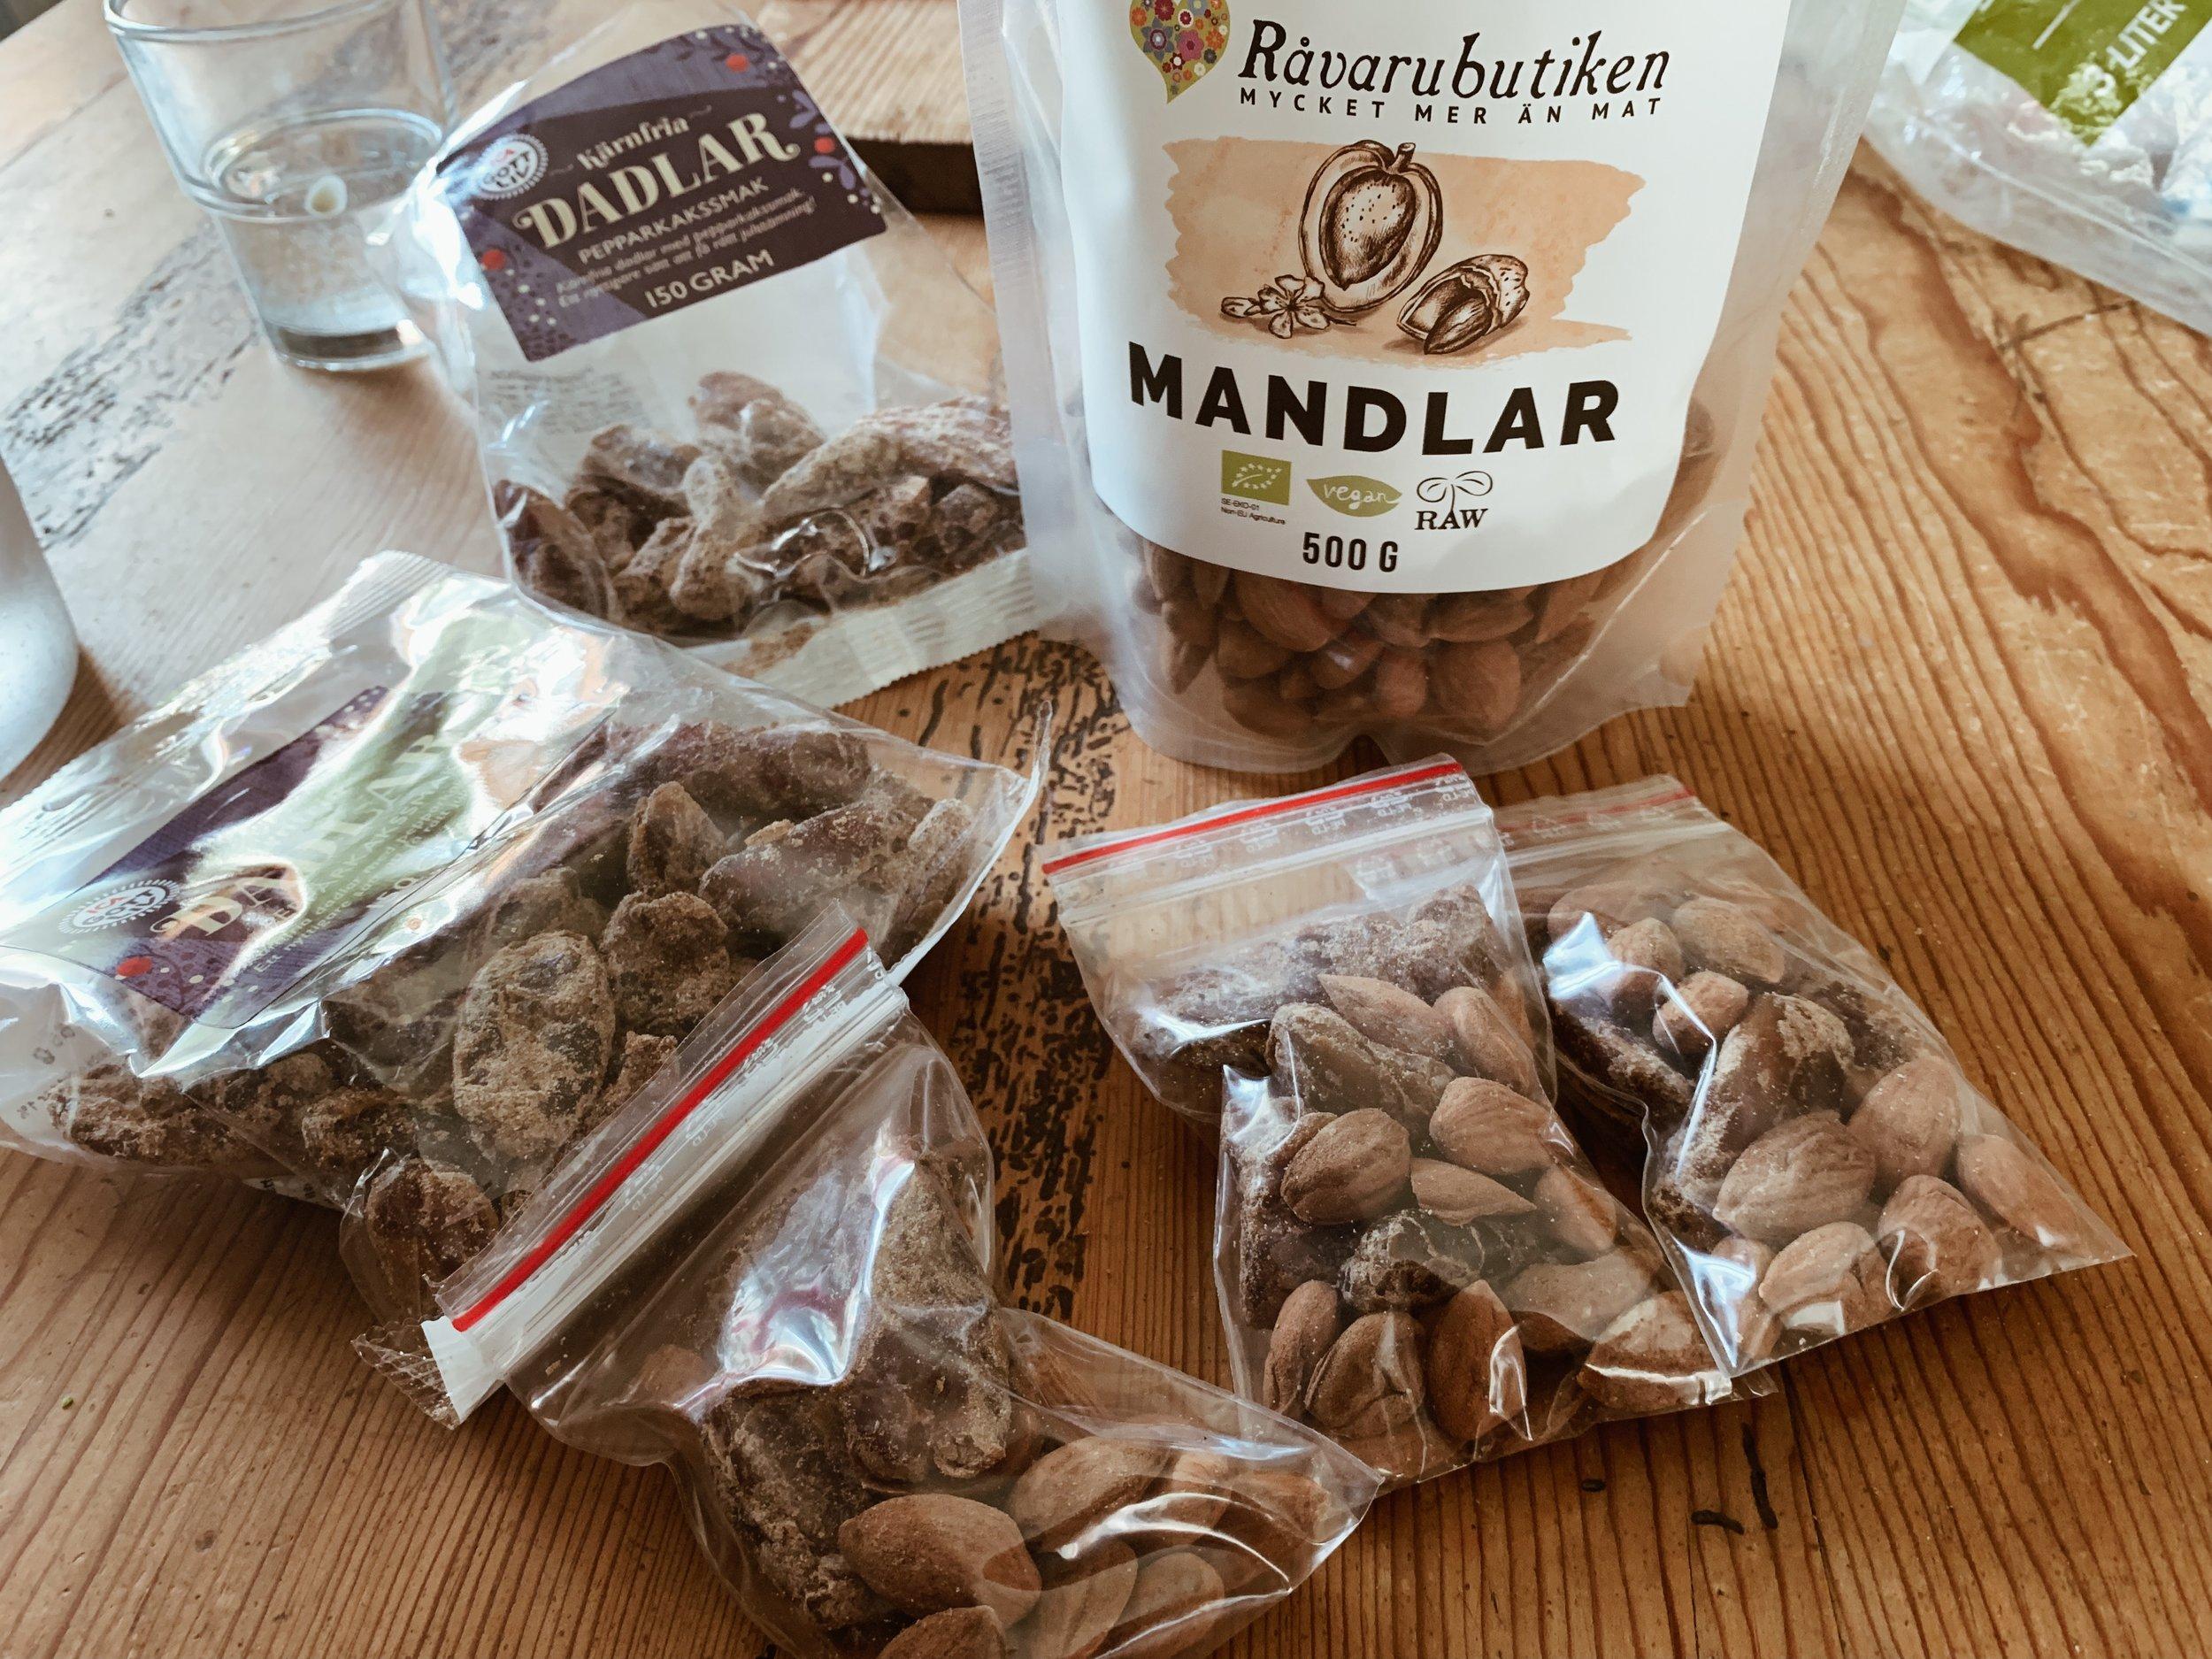 Det är smart att portionsförpacka exempelvis nötter och dadlar i små zip-påsar (finns tex. på Kjell & Company).